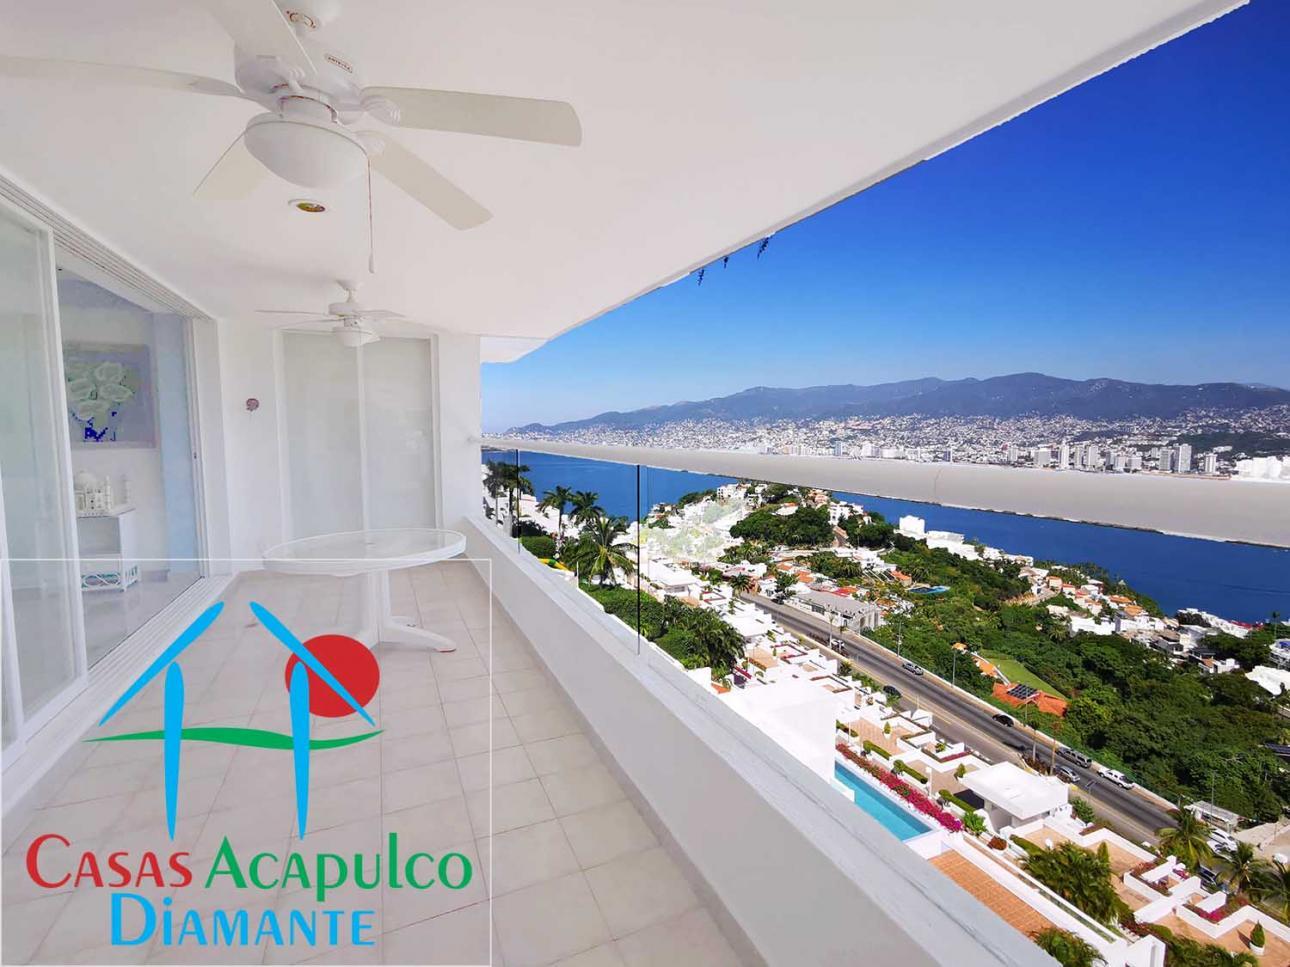 Venta de Departamento 3 recamaras en Acapulco Cumbres Llano Largo